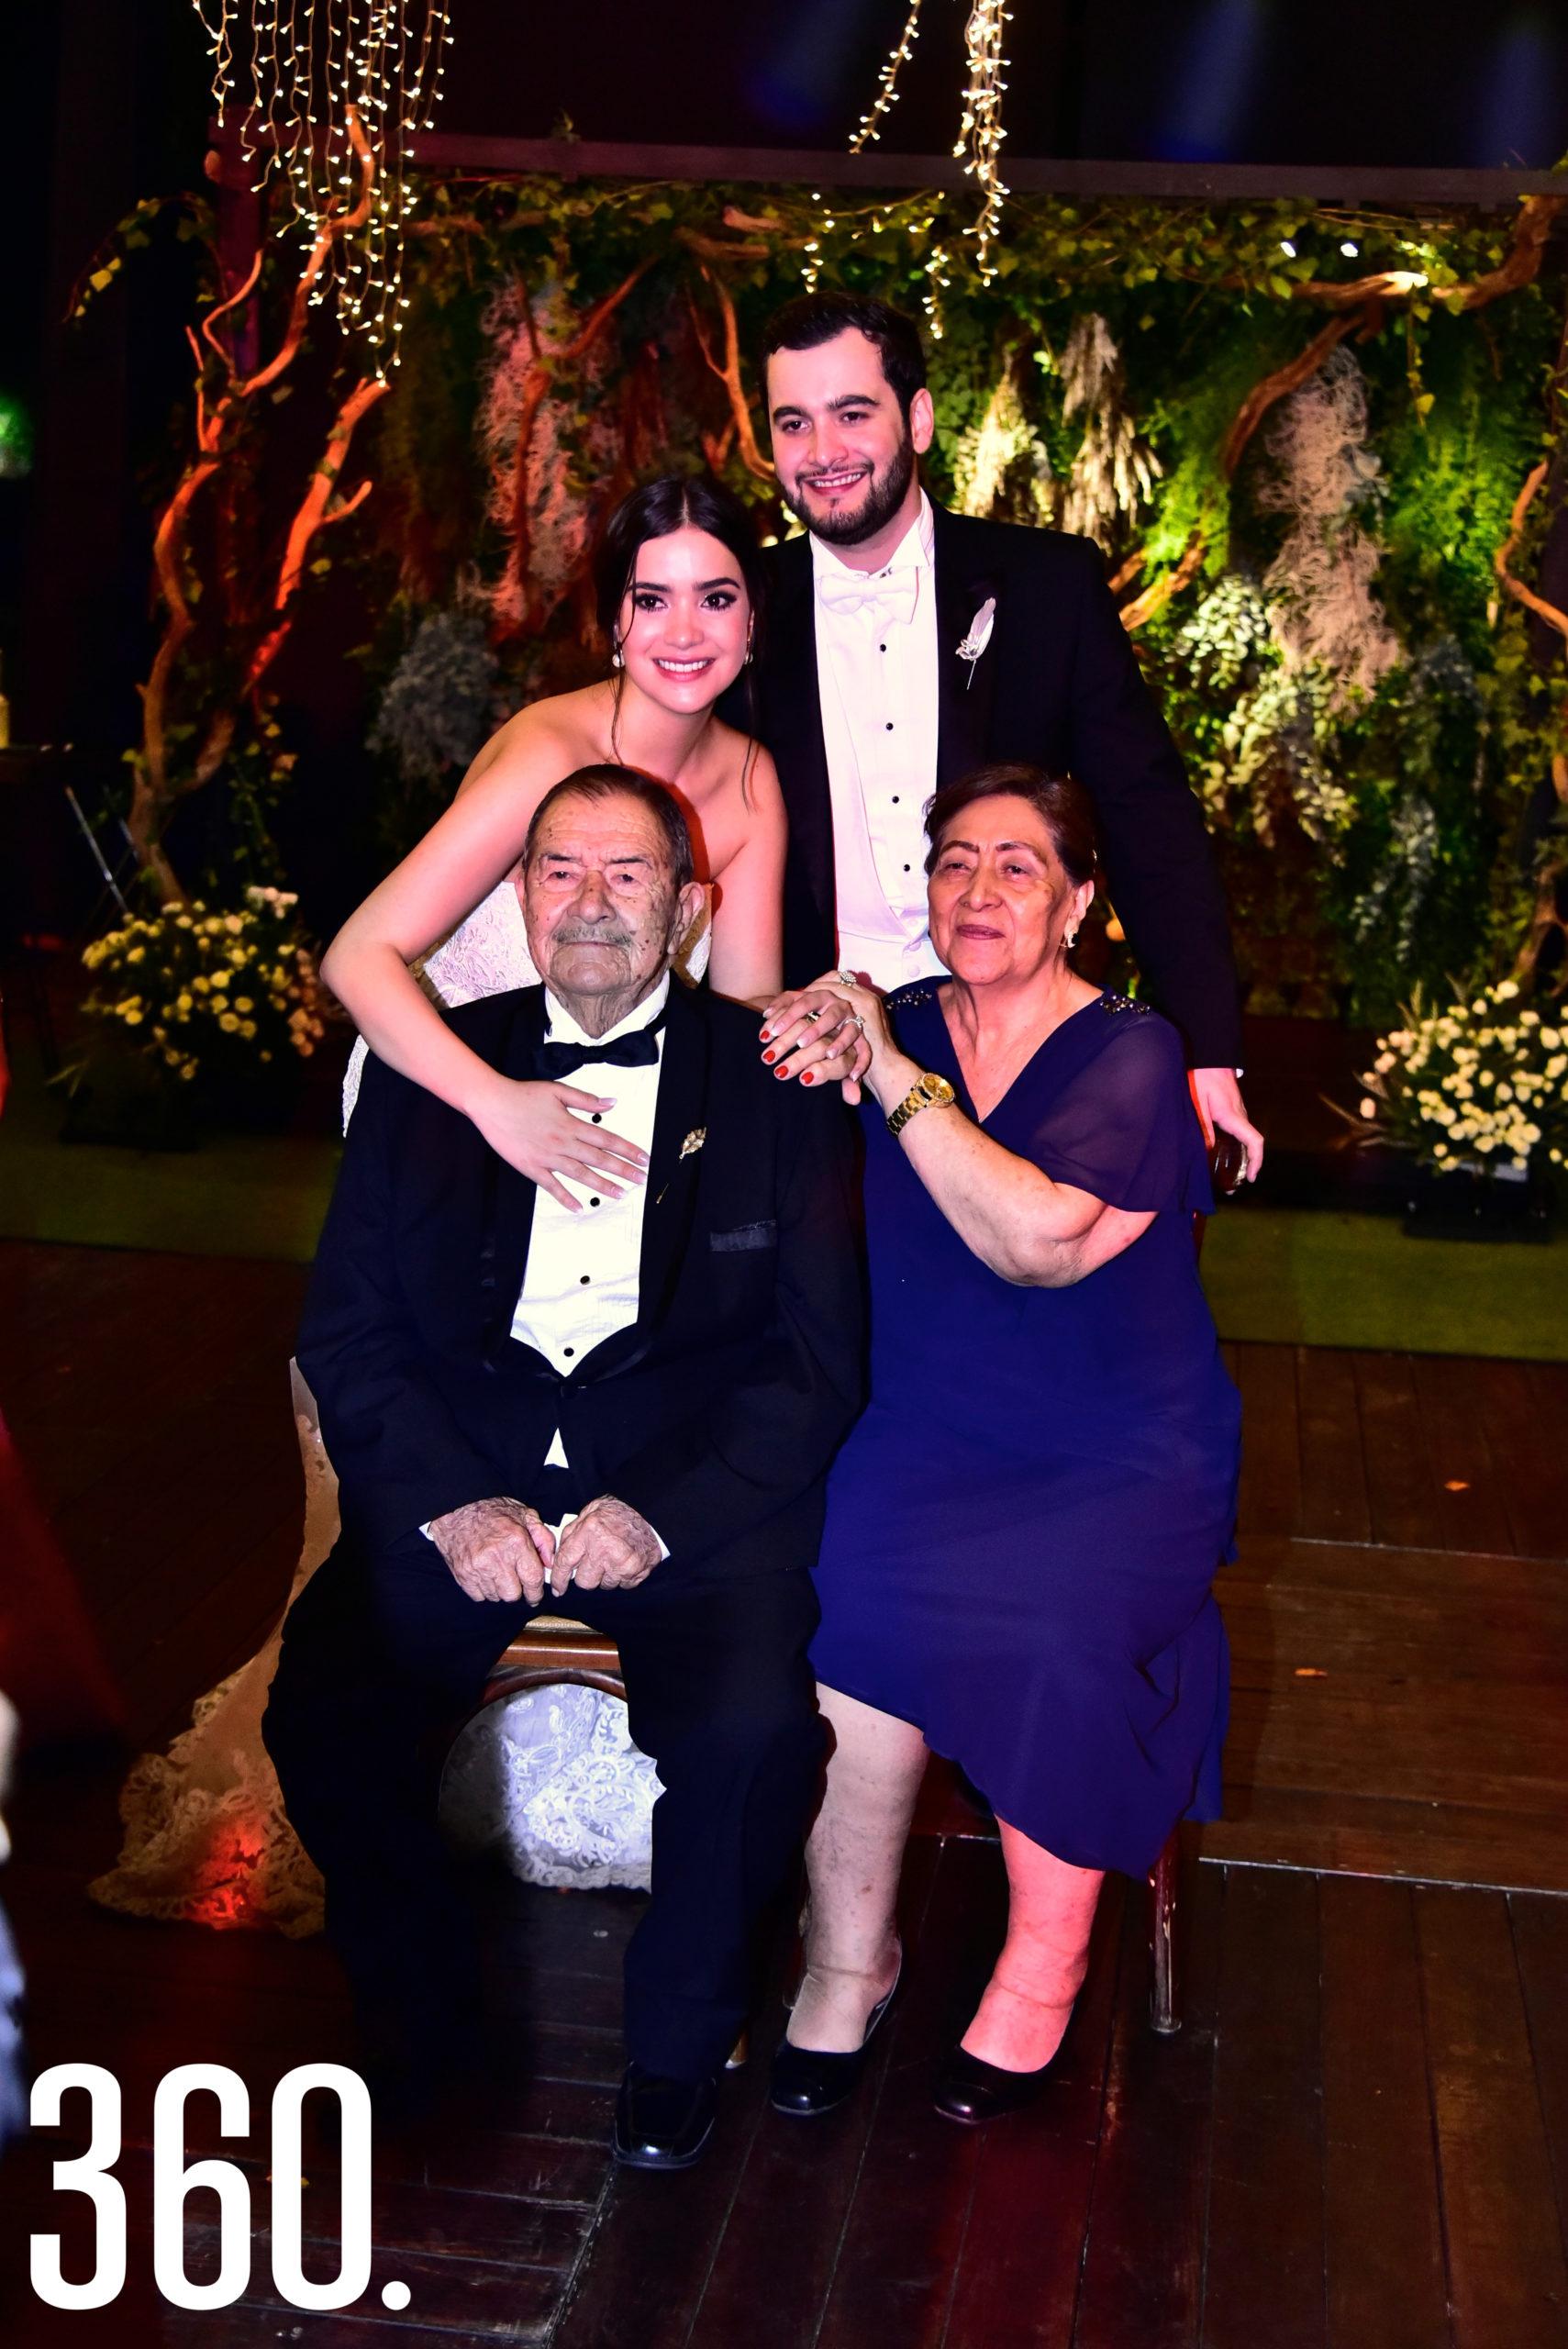 Federico Del Río Abundis y Sofía Chávez con sus abuelitos Rene Chávez y María del Refugio Martínez.